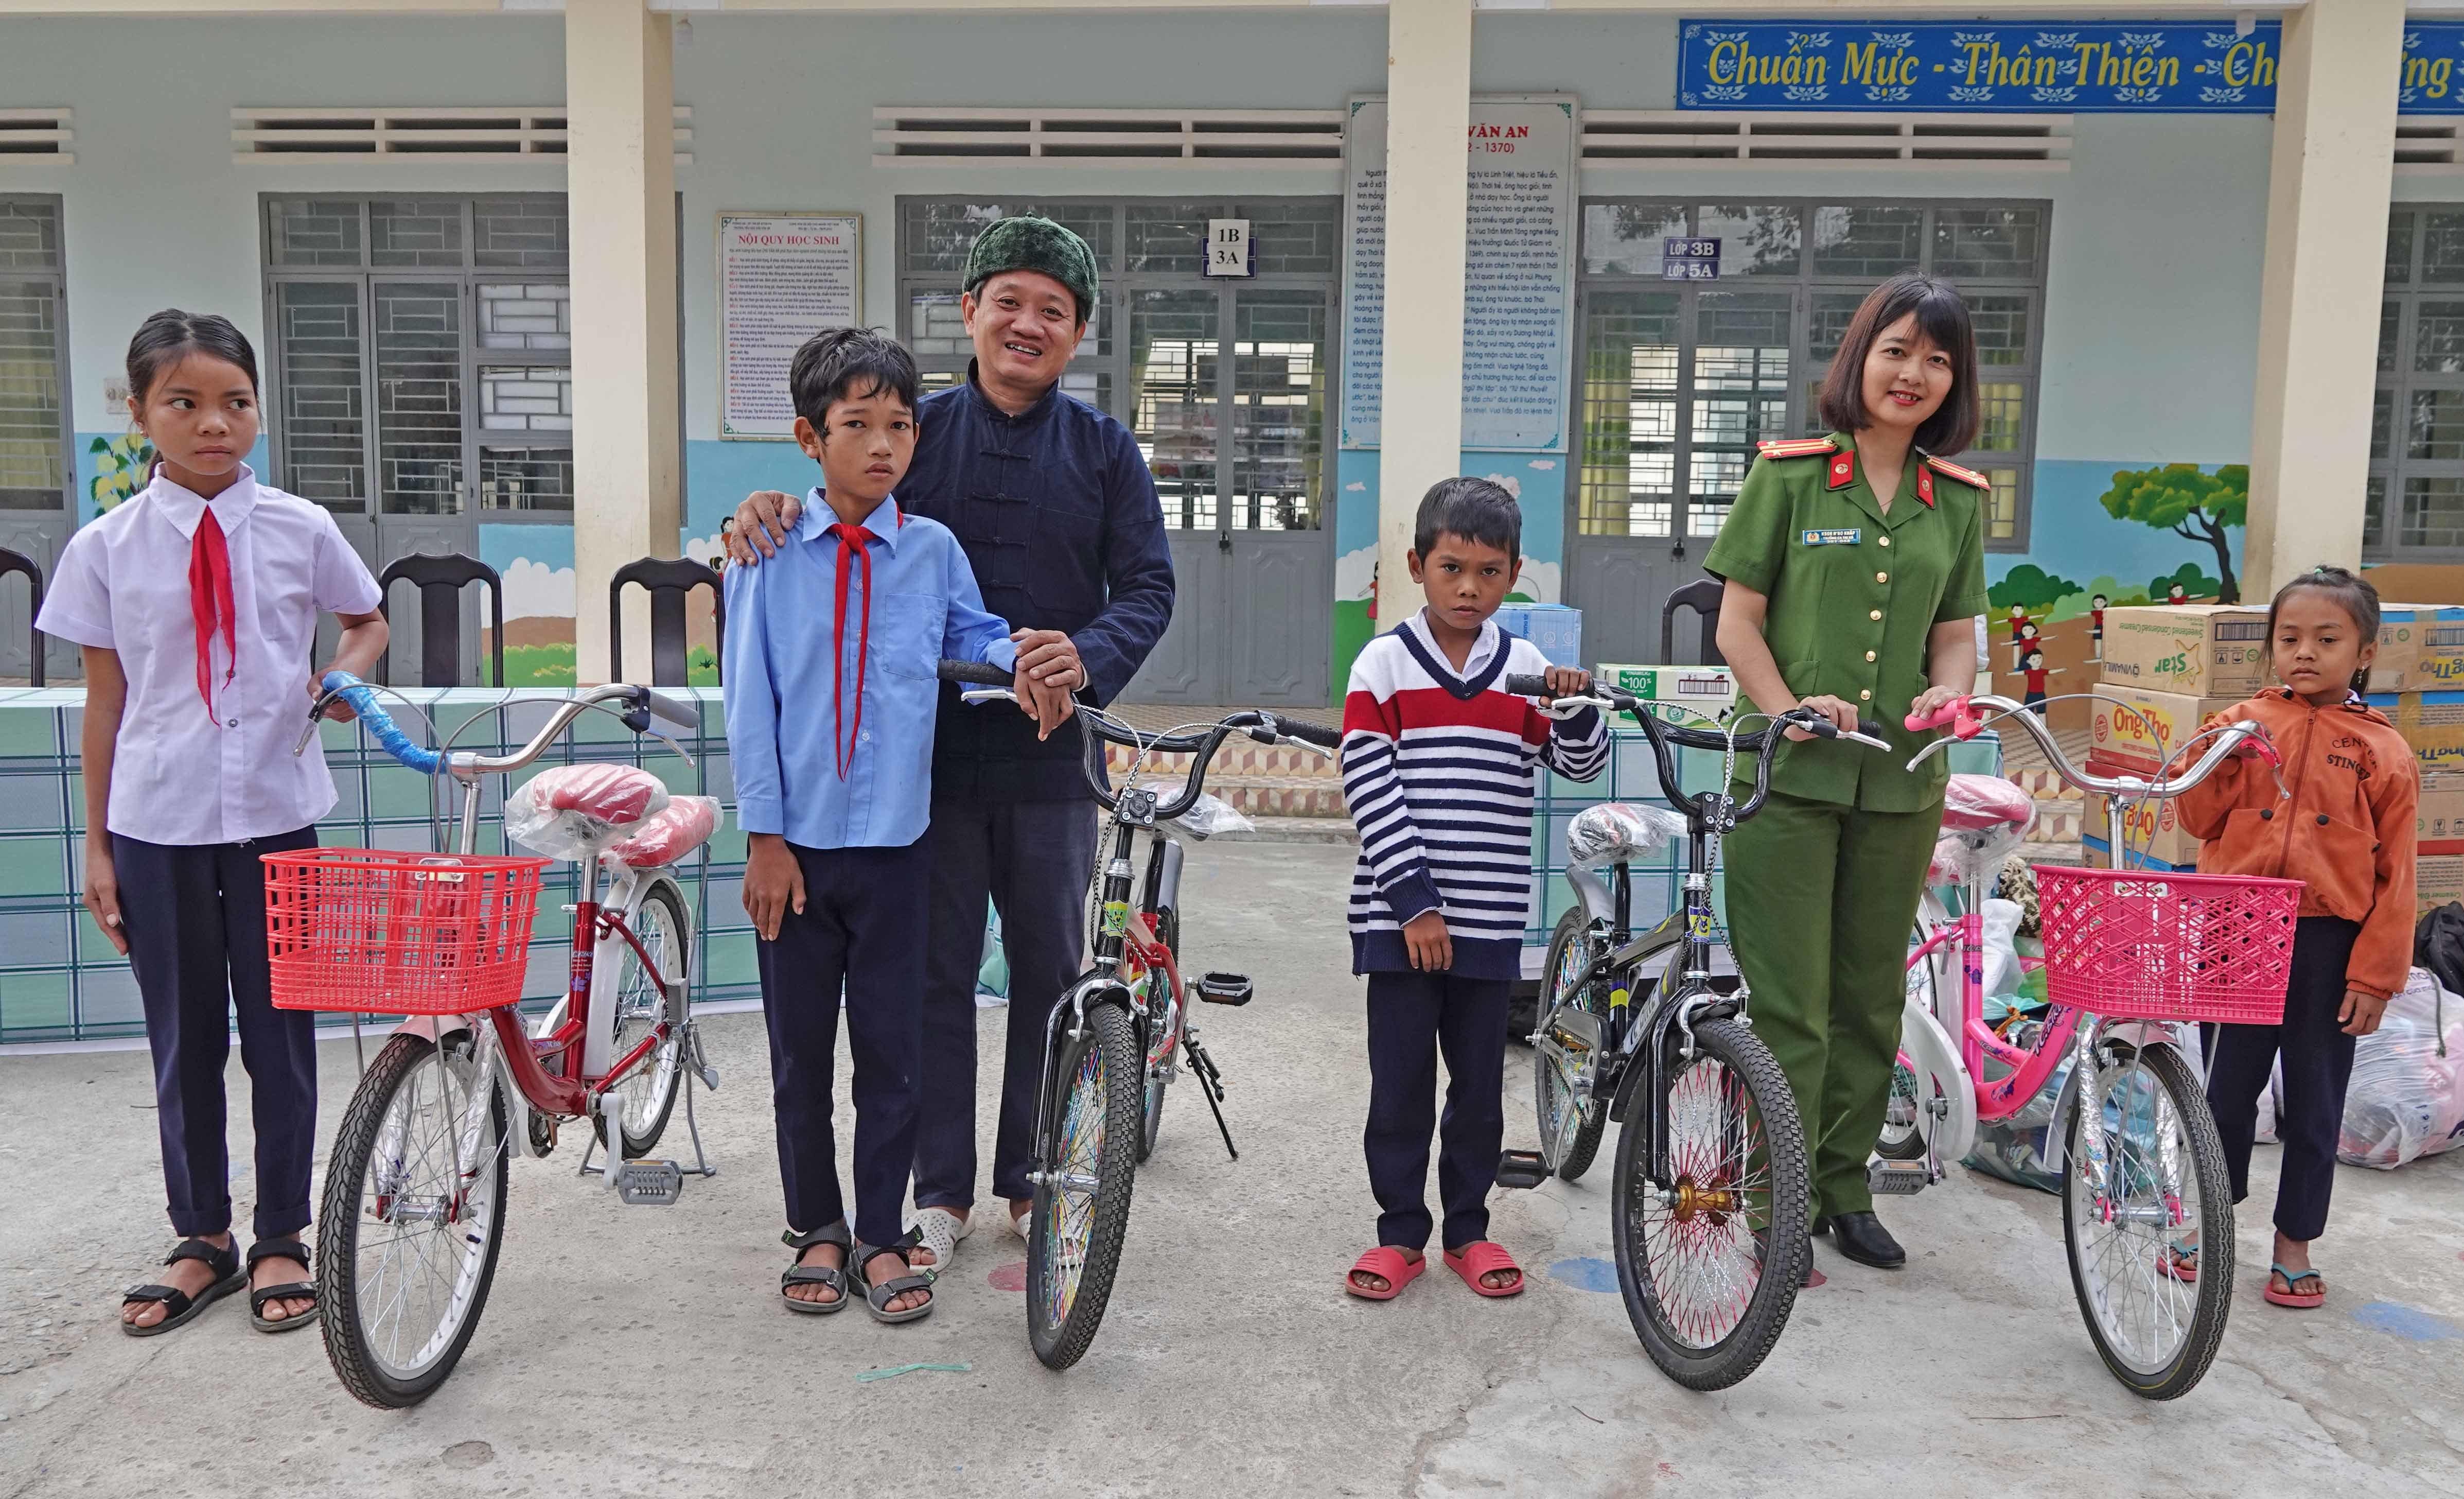 Ông Đoàn Ngọc Hải hội ngộ nữ ĐBQH Ksor H'Bơ Khắp với lỉnh kỉnh dép, xe đạp, sữa...